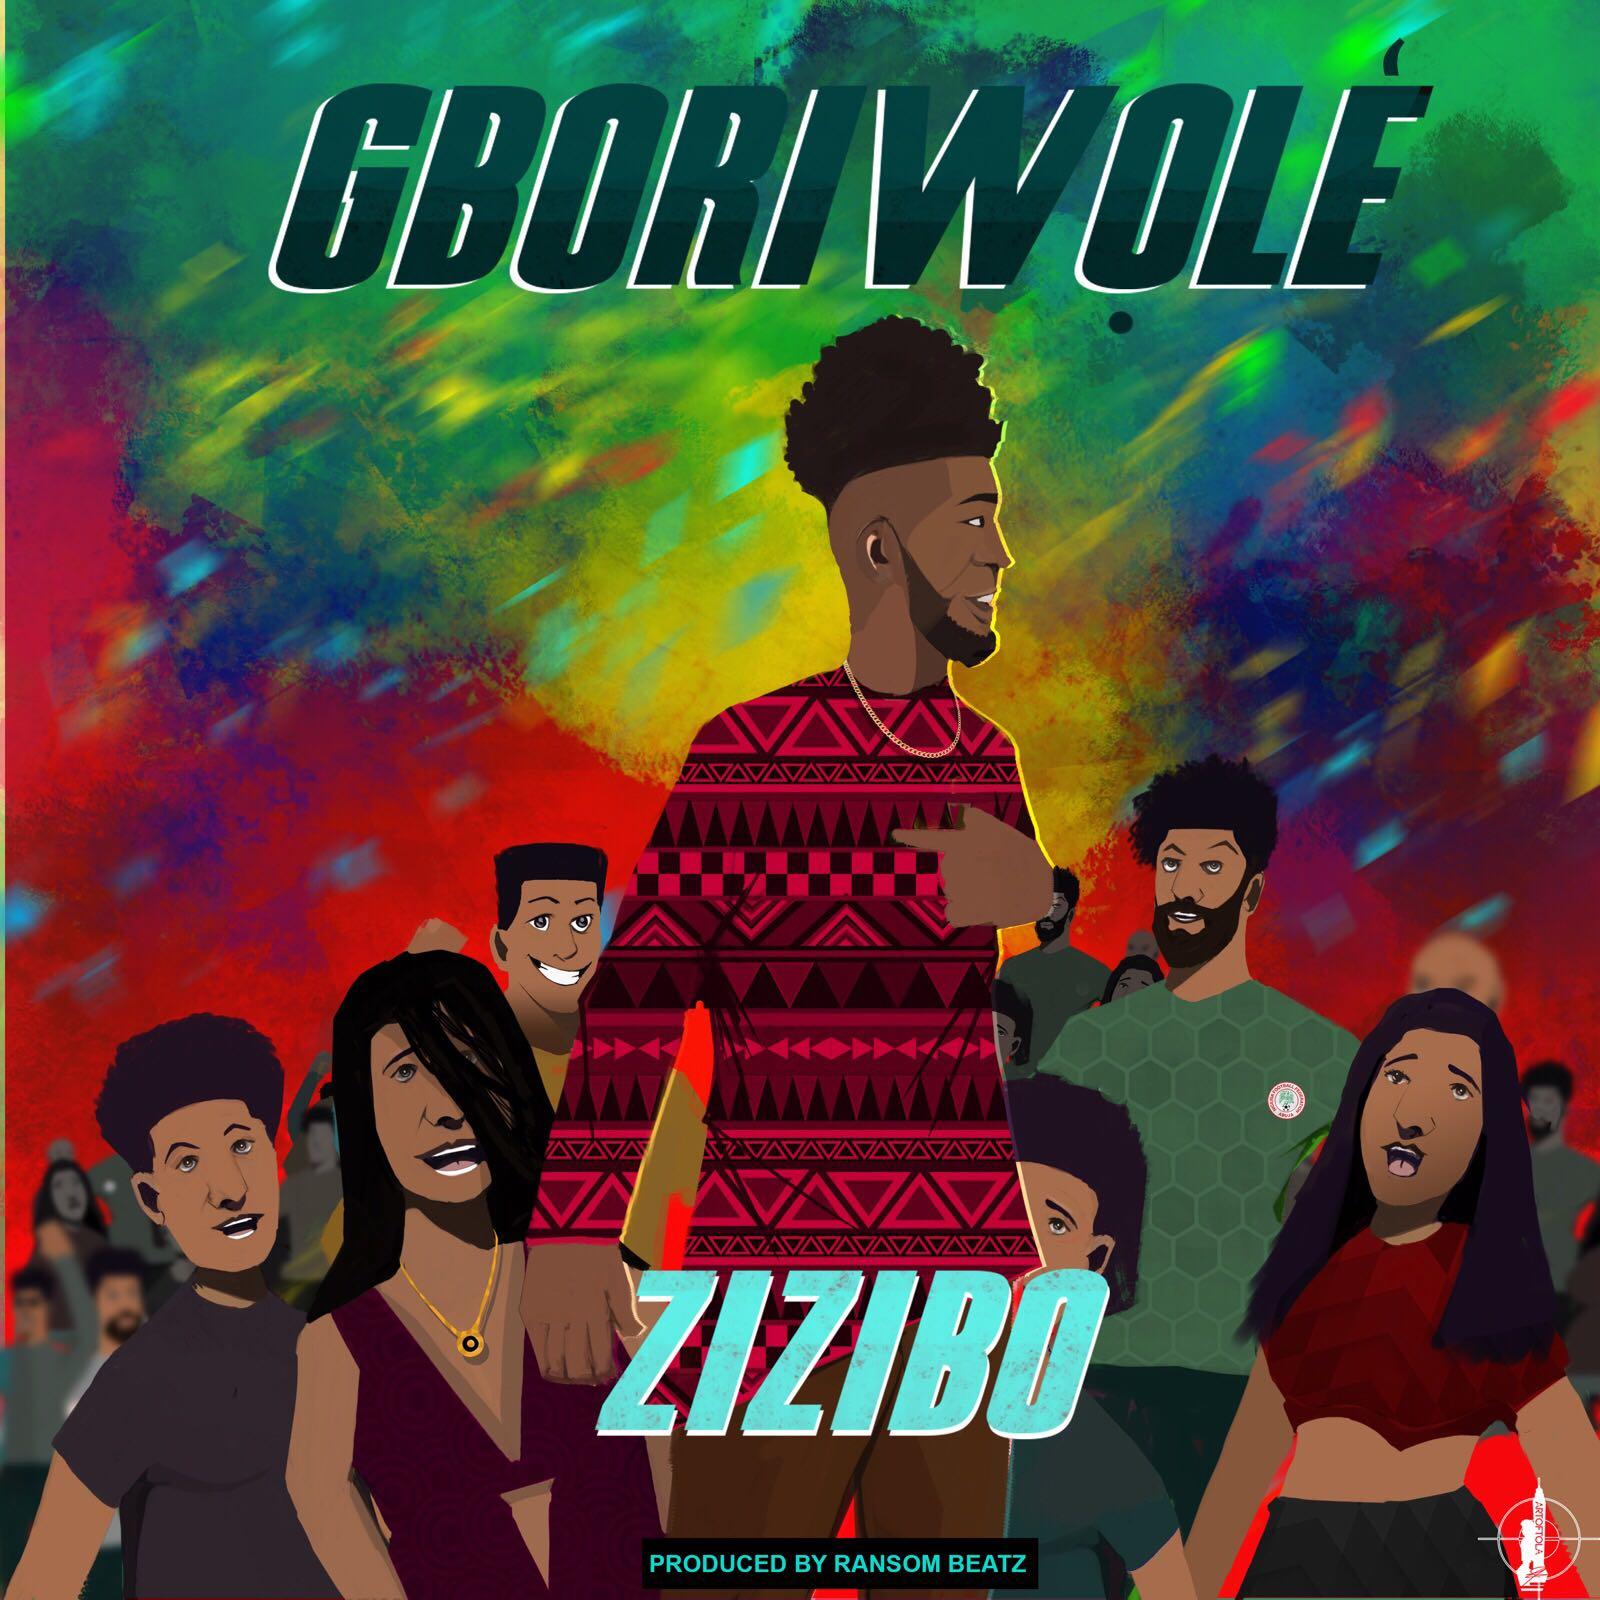 Zizibo – Gboriwole